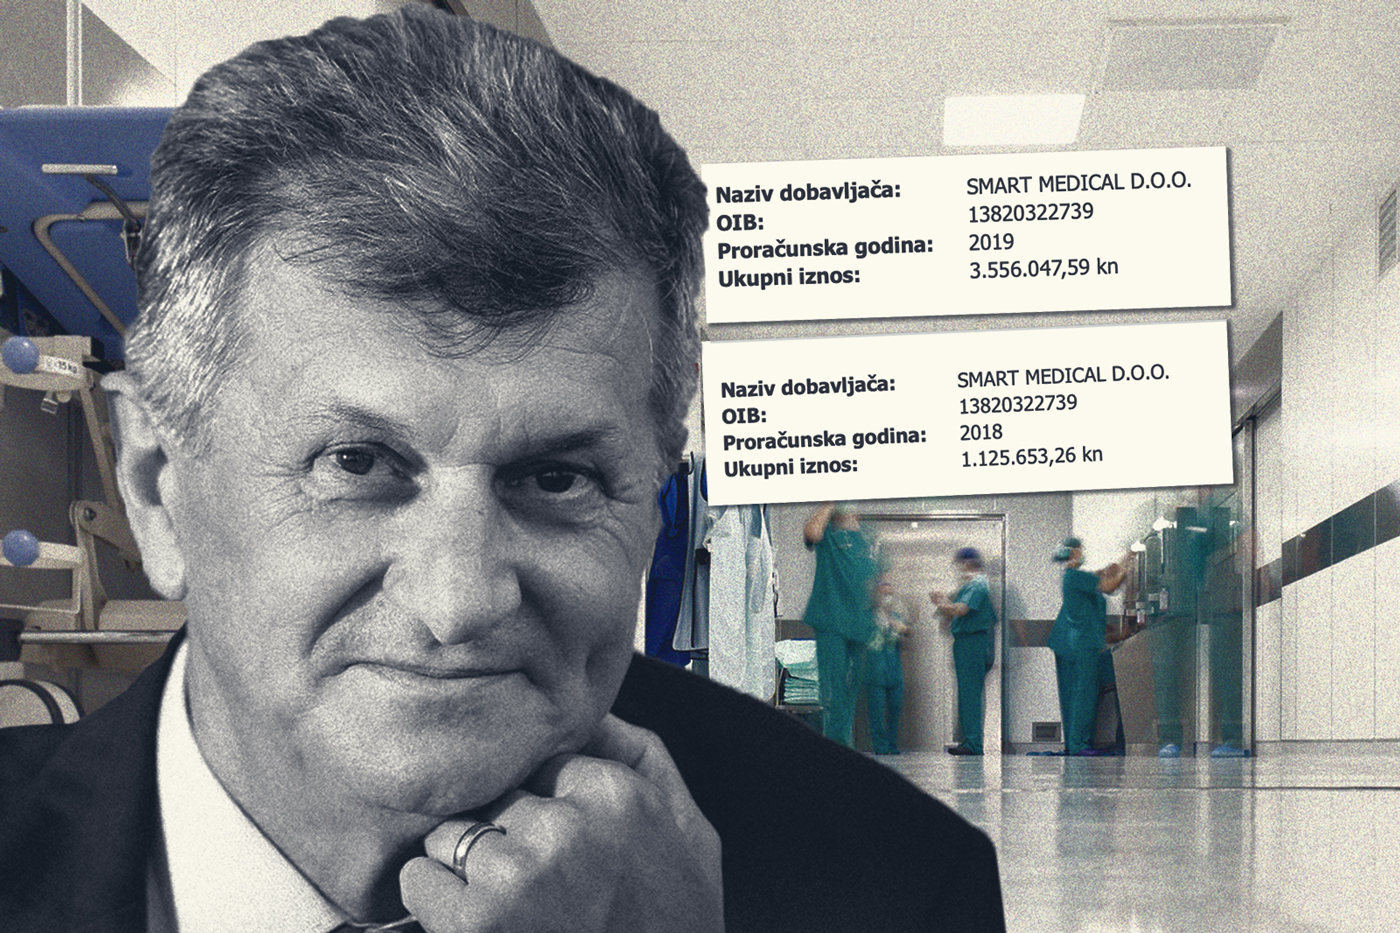 Ekskluziv: Ministarstvo zdravstva isplatilo 4,7 milijuna kuna poslovnom partneru Kujundžićevih